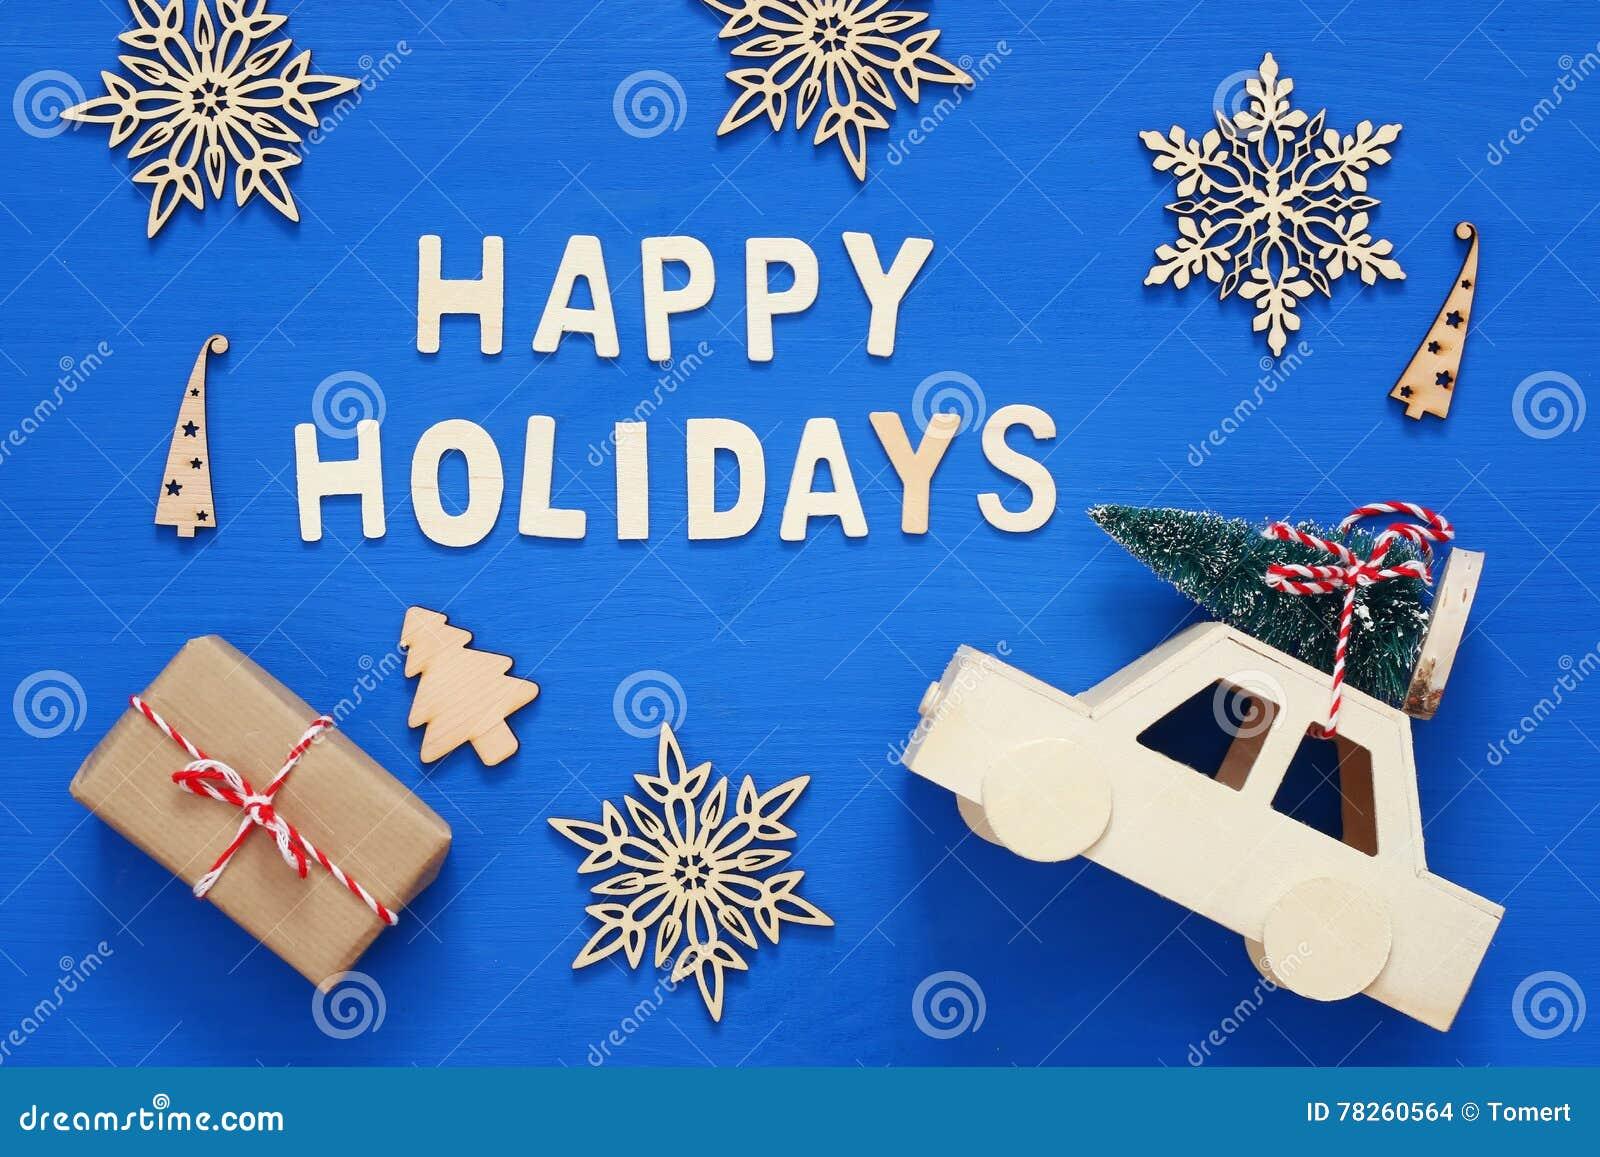 κιβώτια δώρων, διακοσμητικά snowflakes, χριστουγεννιάτικο δέντρο και και ασβέστιο παιχνιδιών